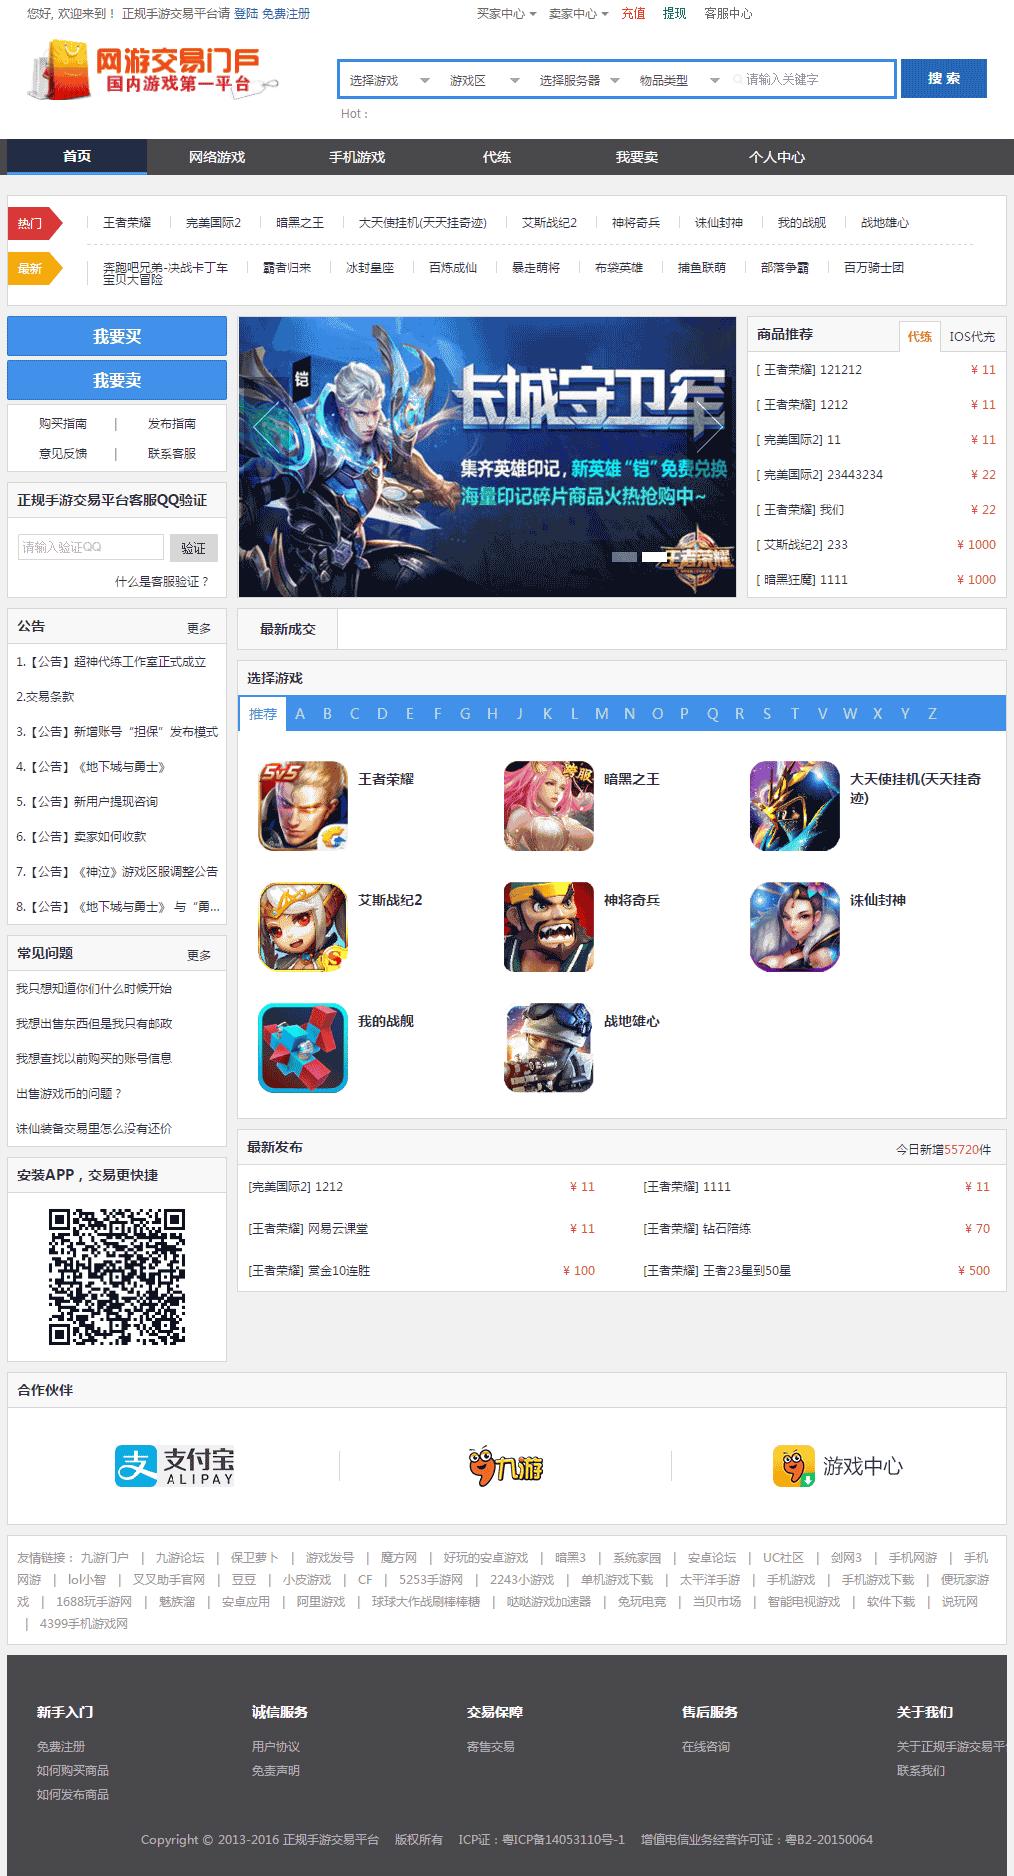 ASP游戏网站源码,ASP手游交易平台网站源码